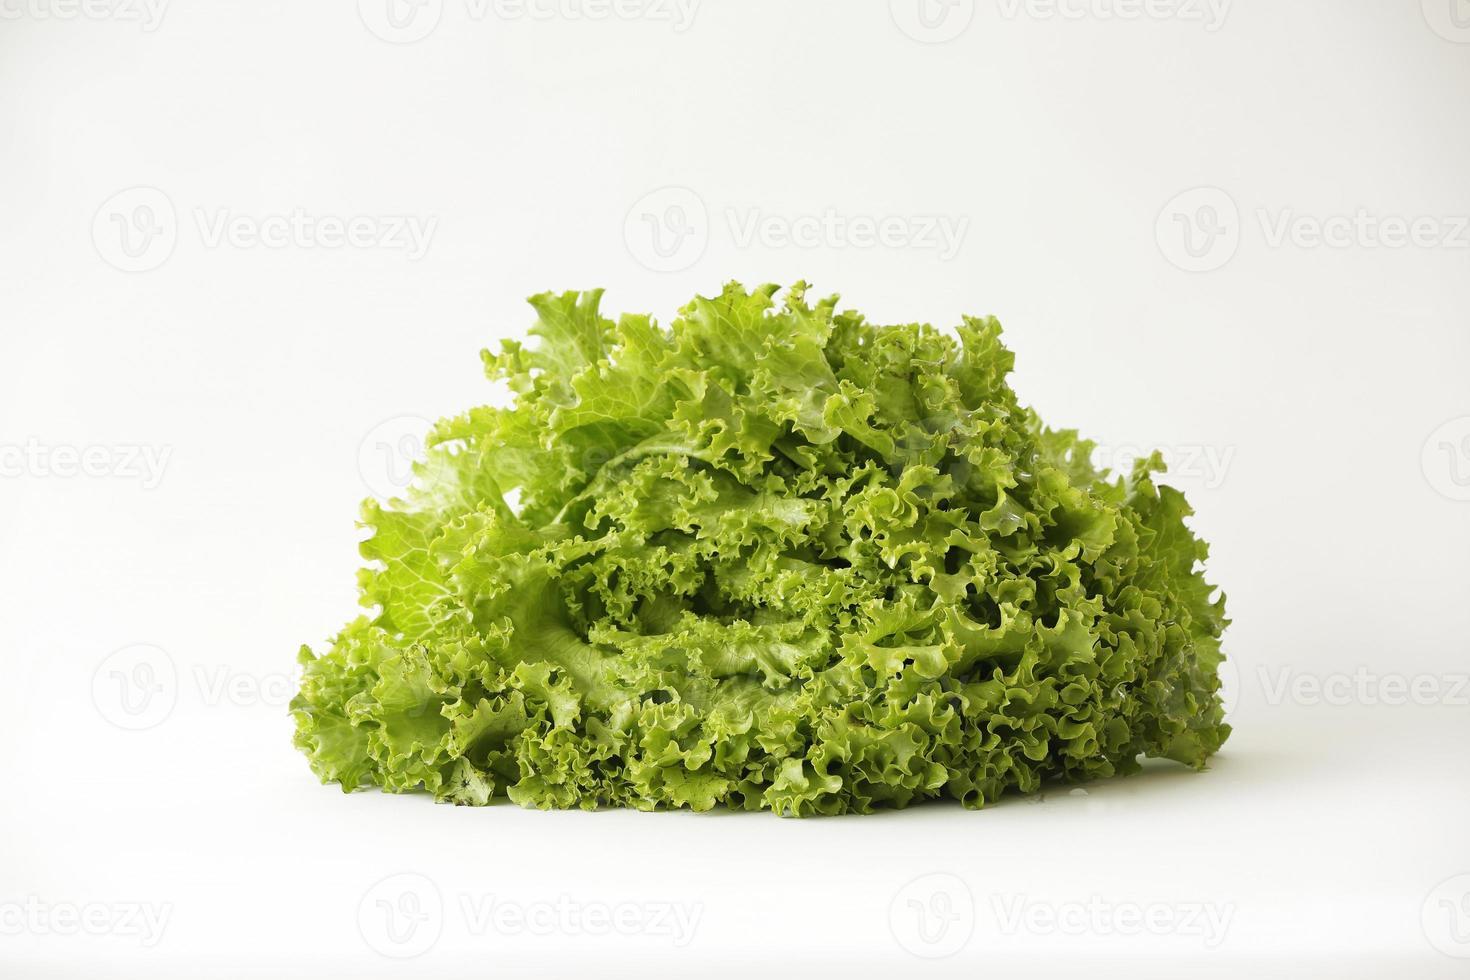 verduras verdes, rojas y naranjas como alimento saludable foto